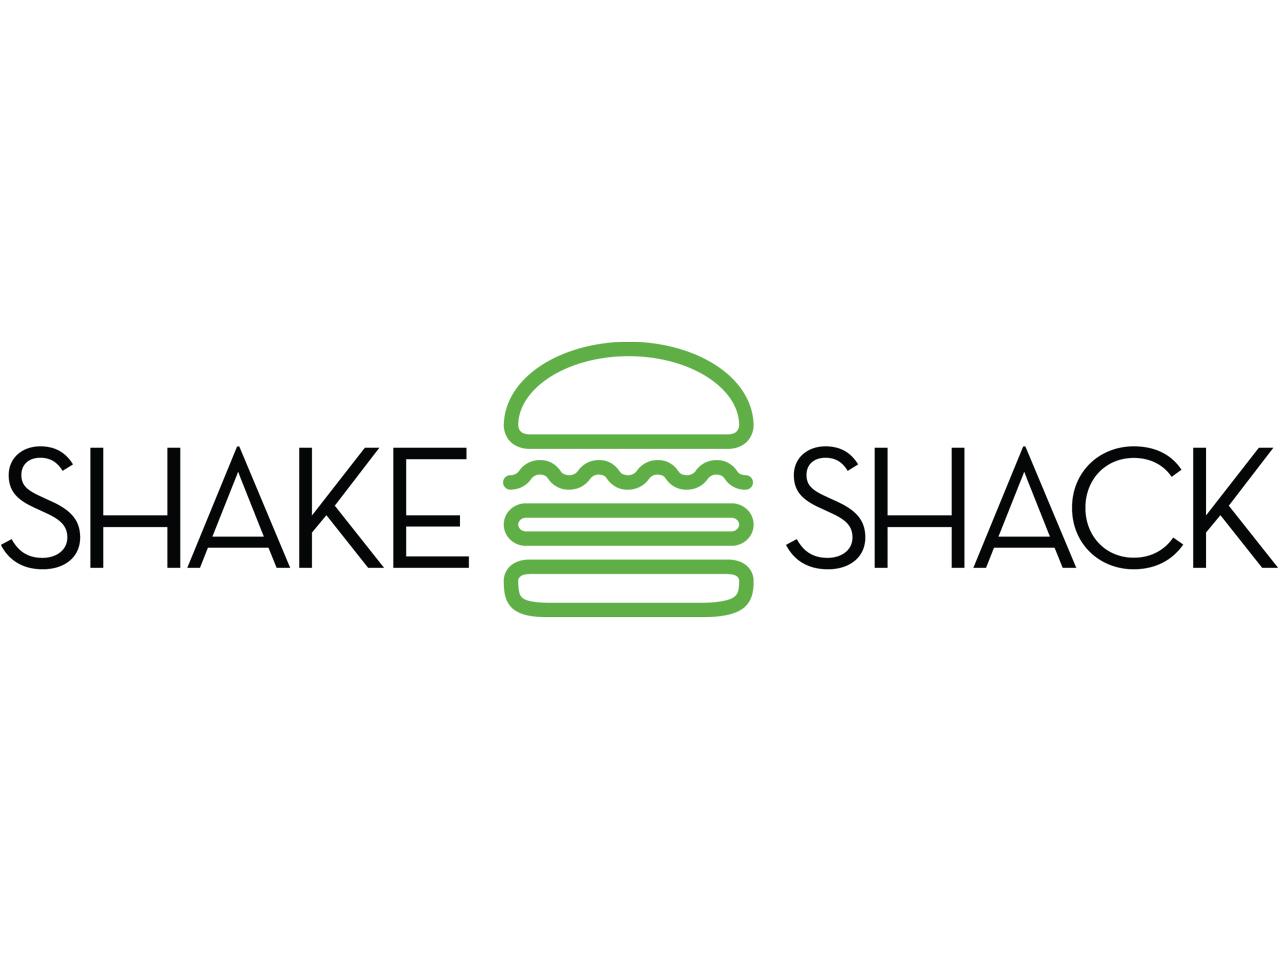 Shake Shack identity by Paula Scher at Pentagram NY